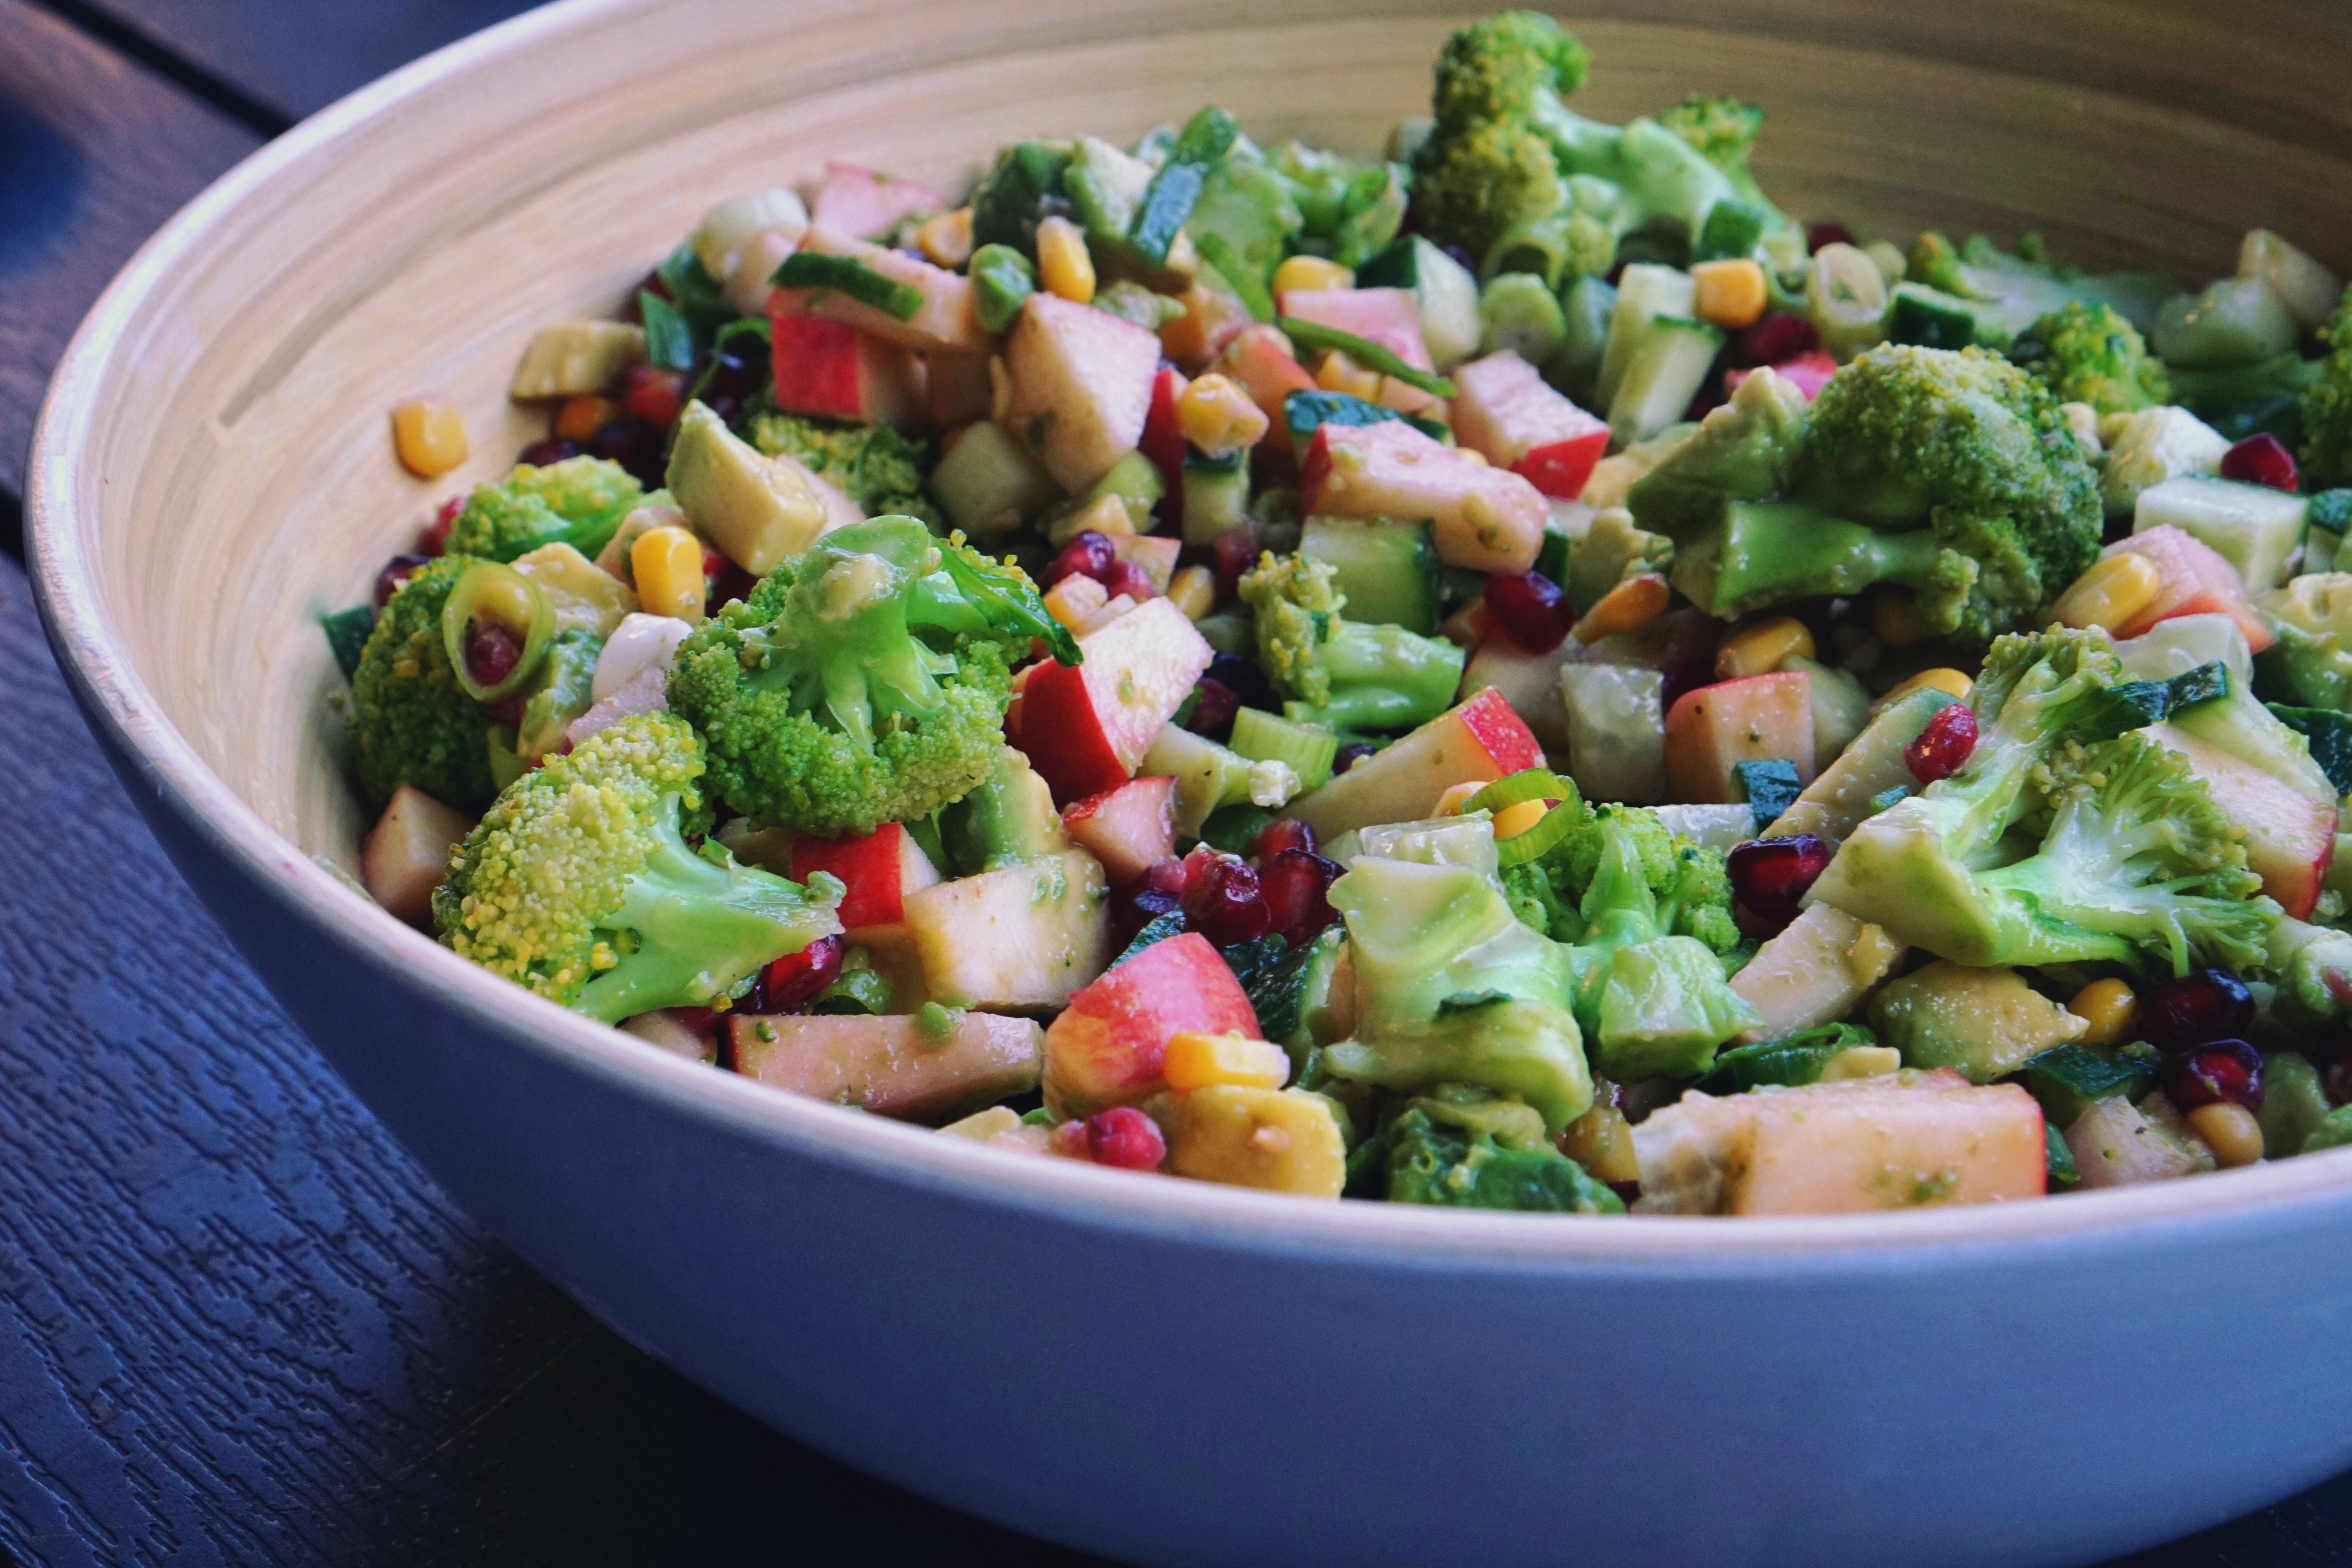 Bunter Brokkoli Salat in einer großen Schüssel.